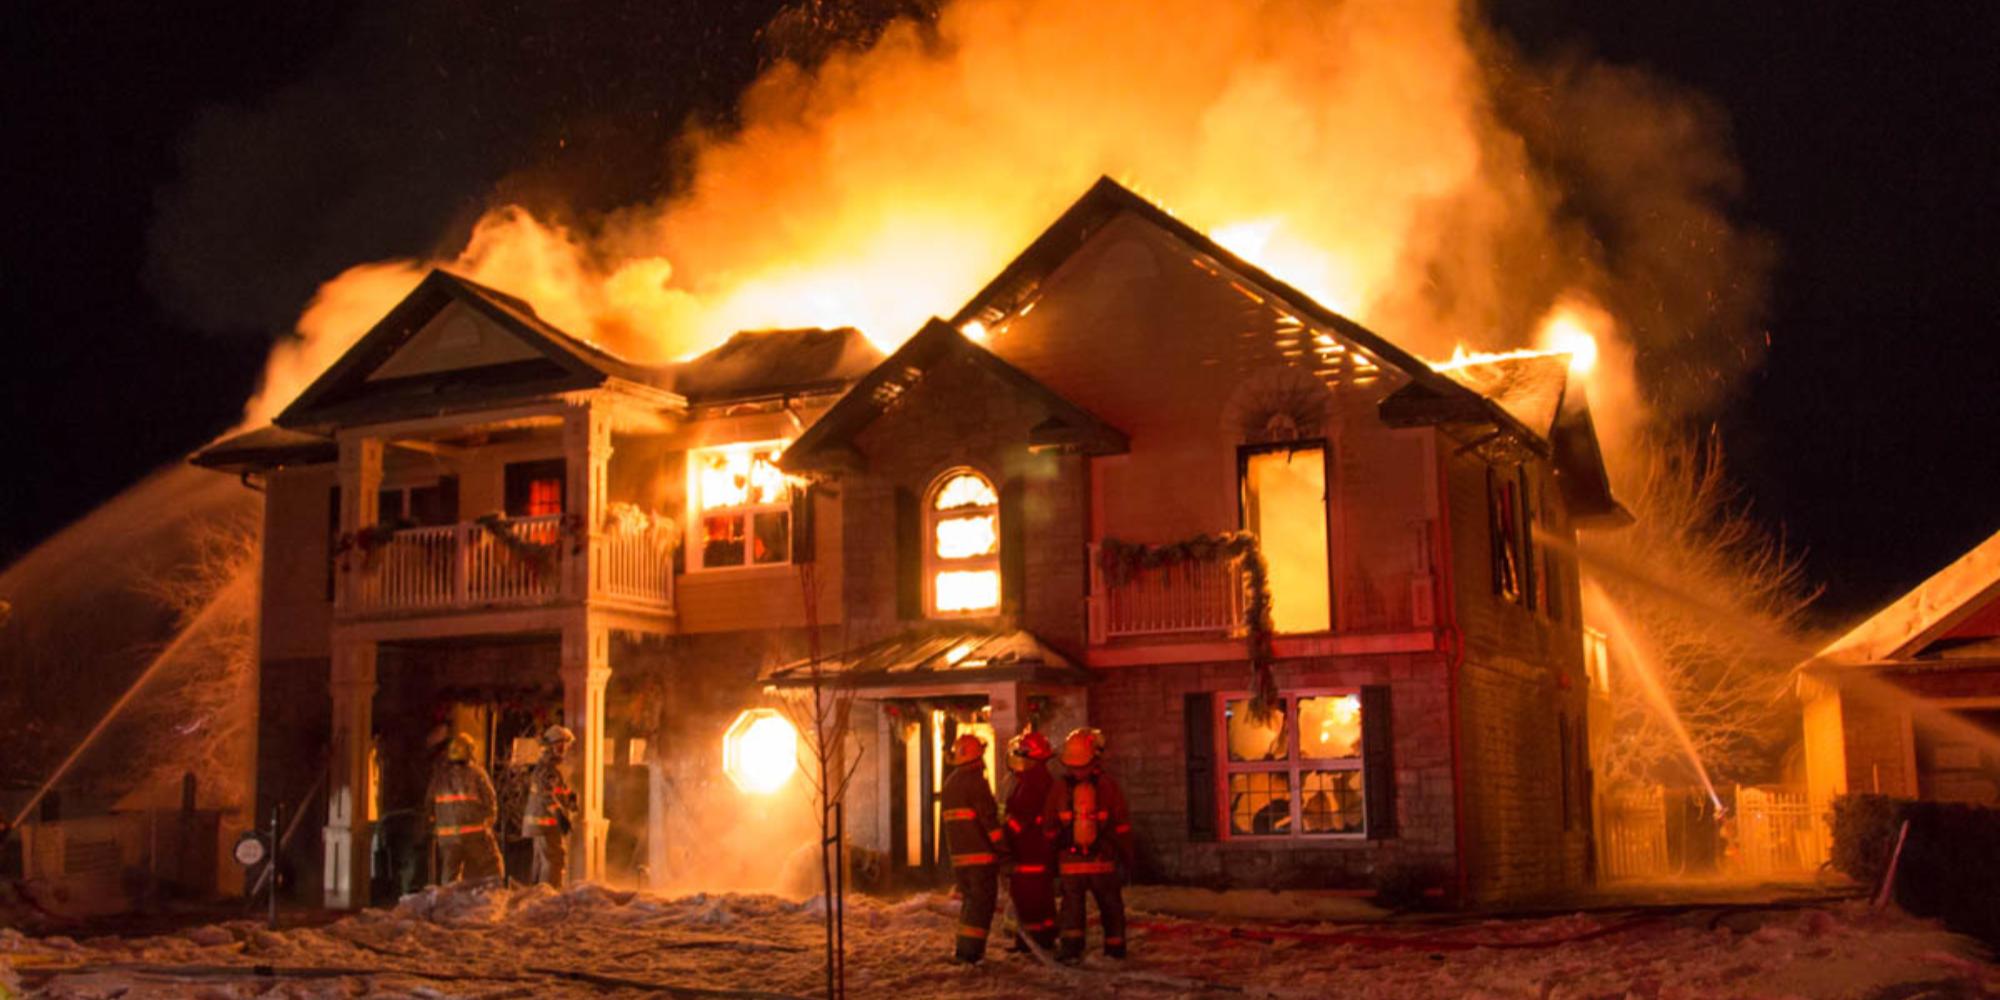 Où installer une alarme incendie?